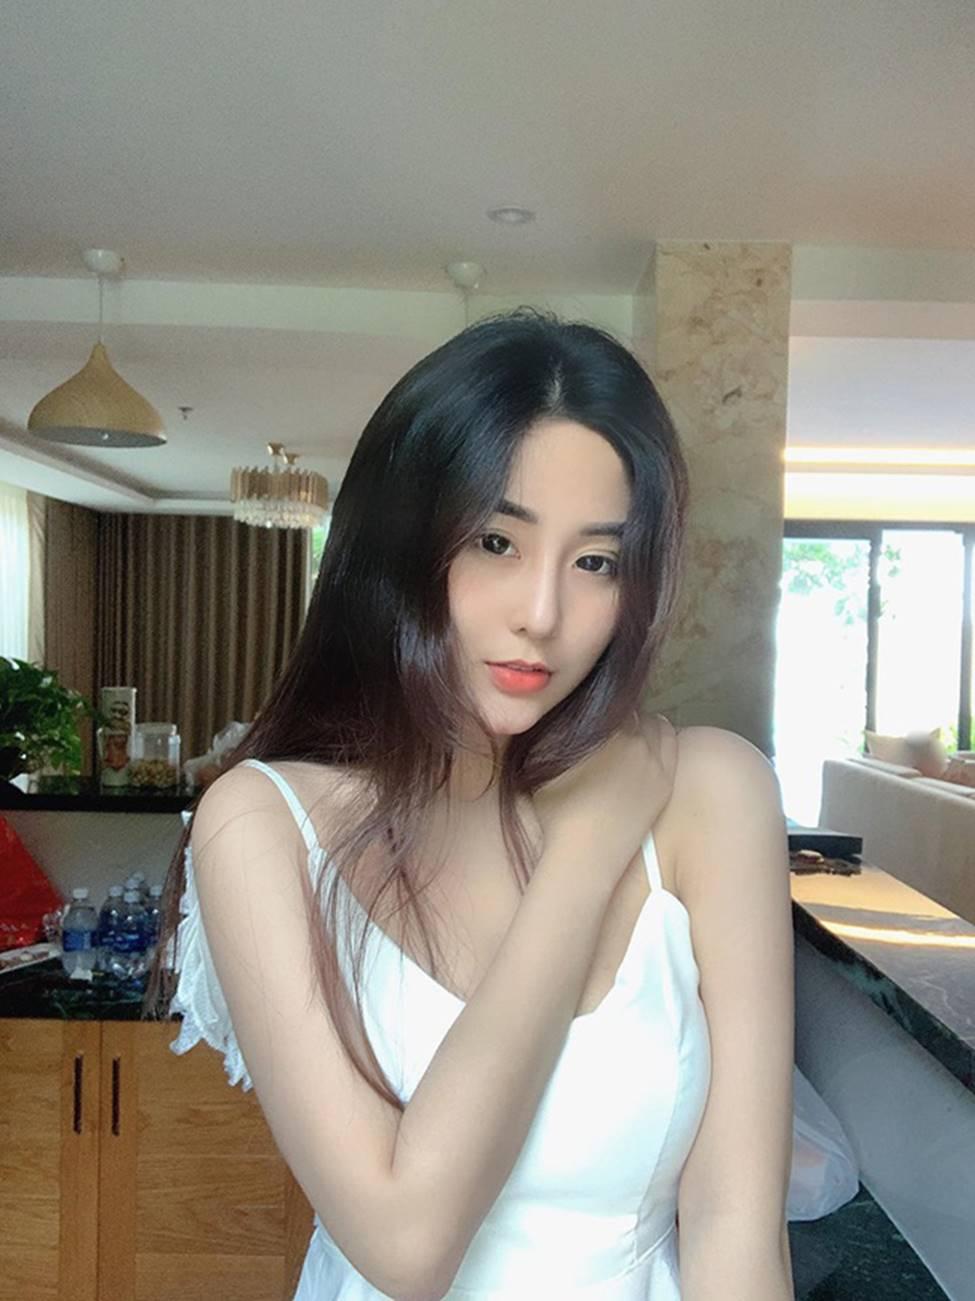 Mặc cho scandal điểm thi đại học thấp, hot girl Sài thành vẫn đăng ảnh gợi cảm thả thính-11